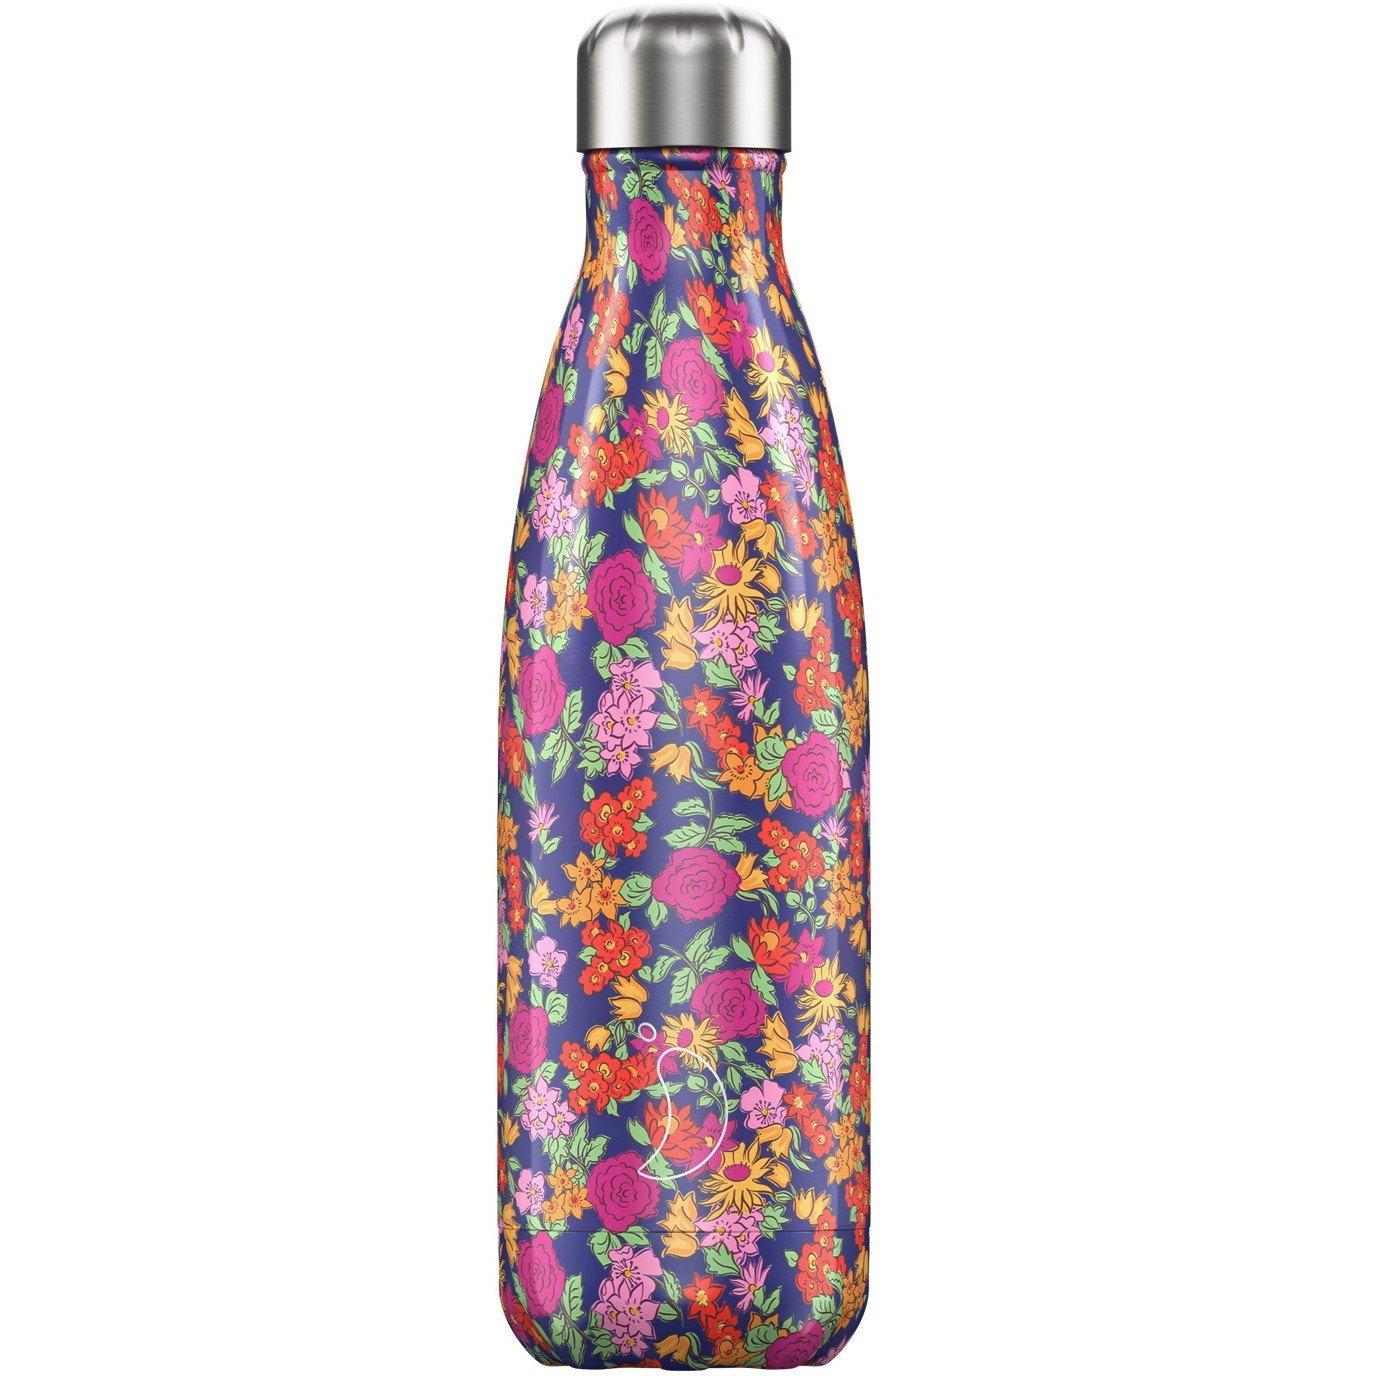 Chilly's Bottle Floral Edition Wild Rose Ανοξείδωτο Θερμός με Σχέδιο Λουλουδιών 500ml